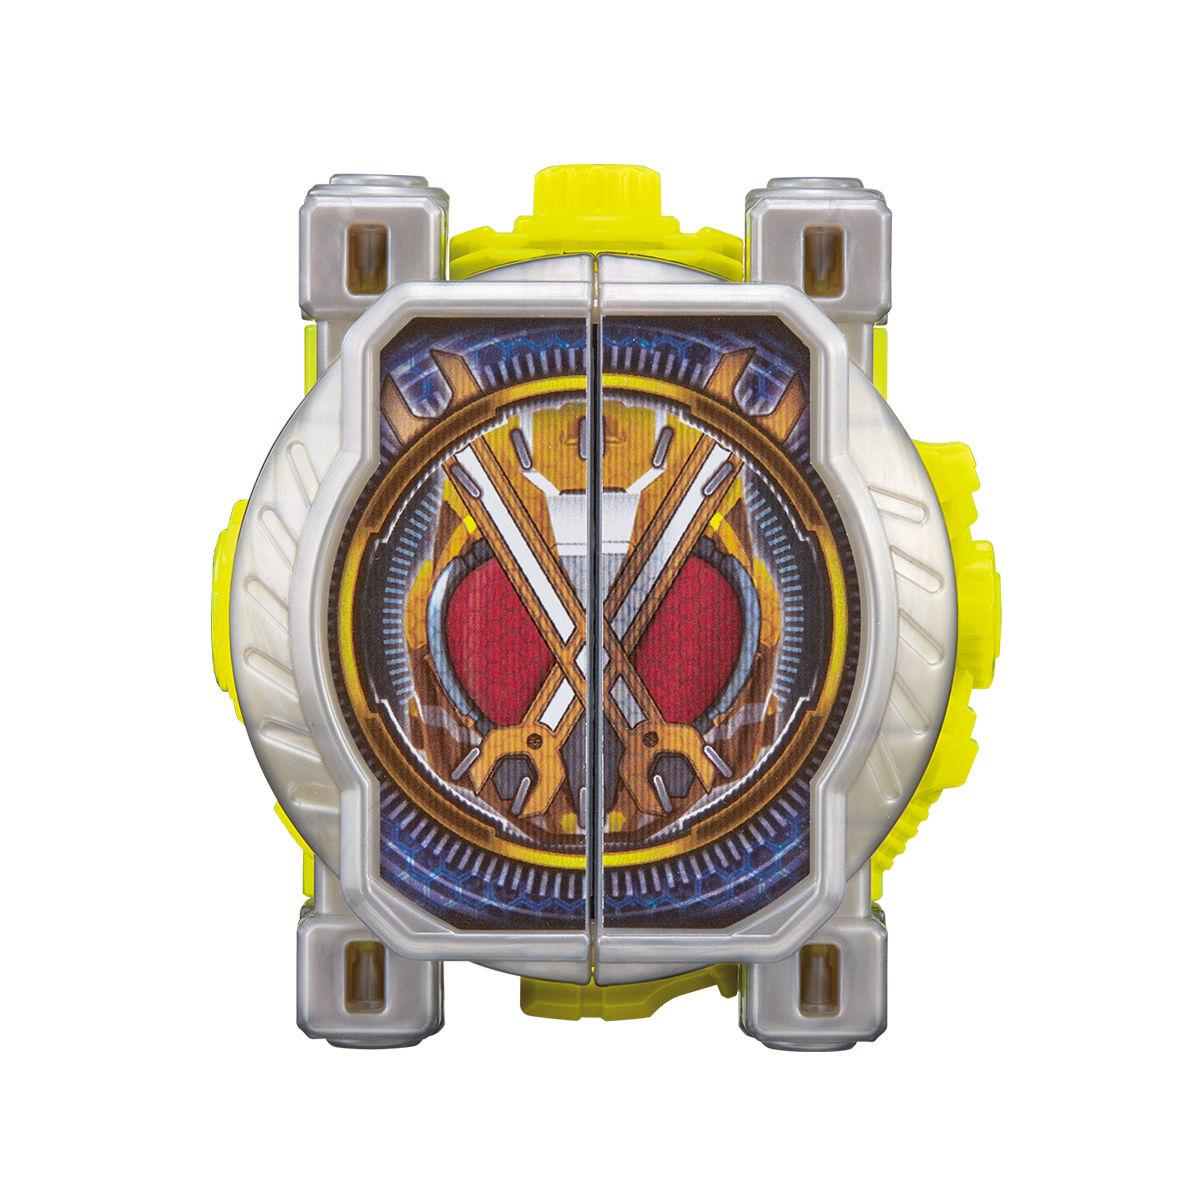 仮面ライダージオウ『DXキカイミライドウォッチ』変身なりきり-001